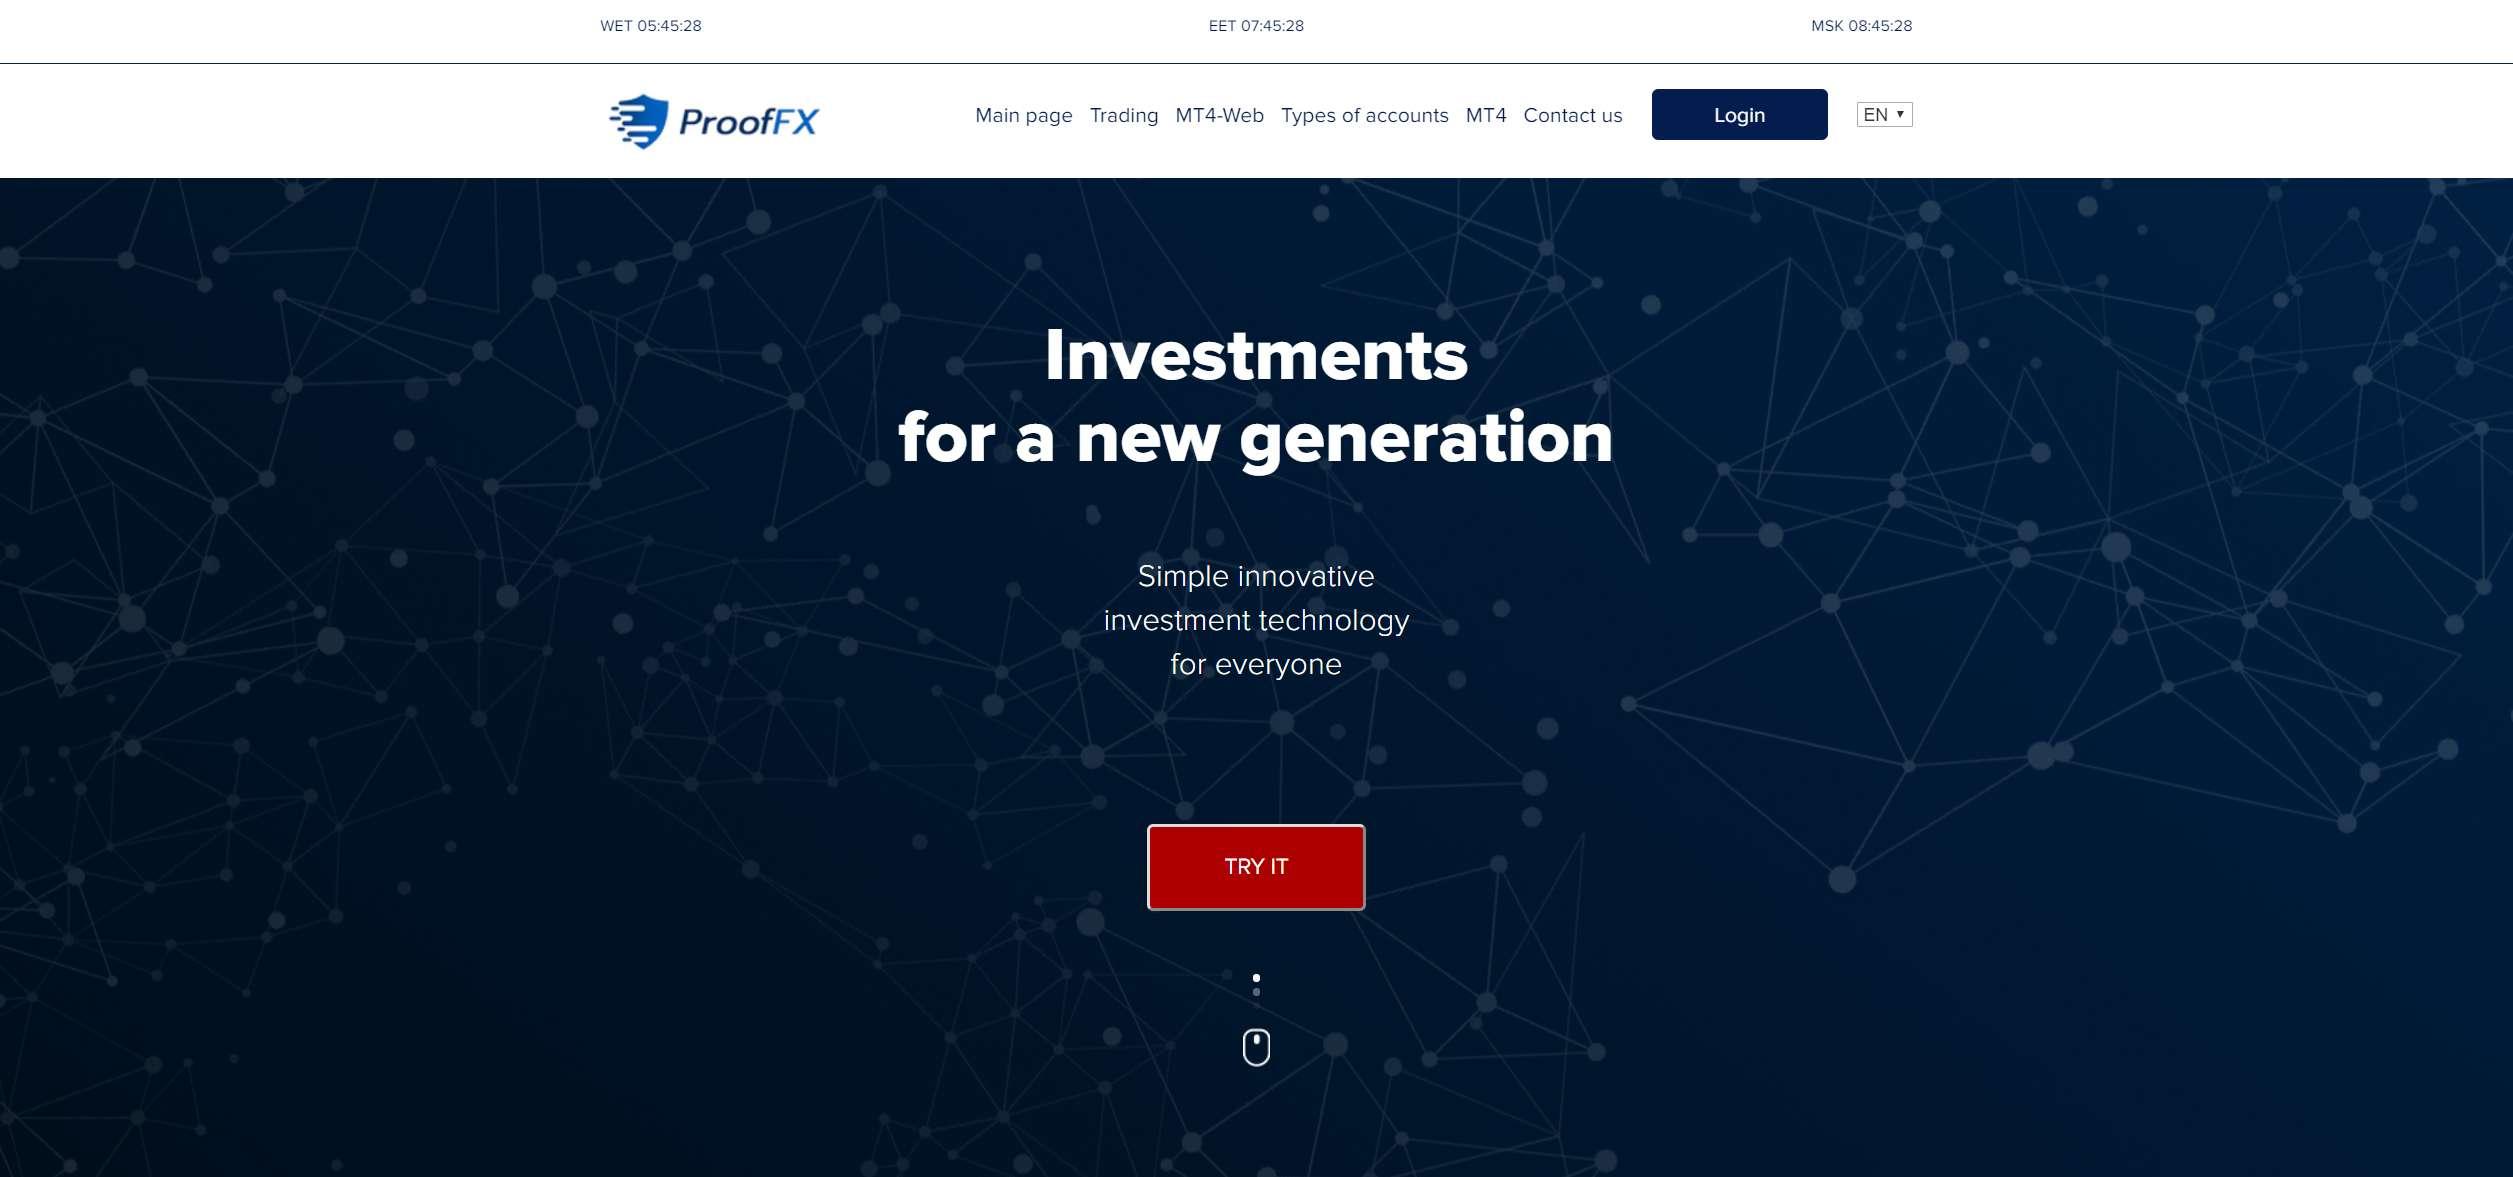 Отзыв о псевдоброкере ProofFX – подумаем, стоит ли инвестировать?